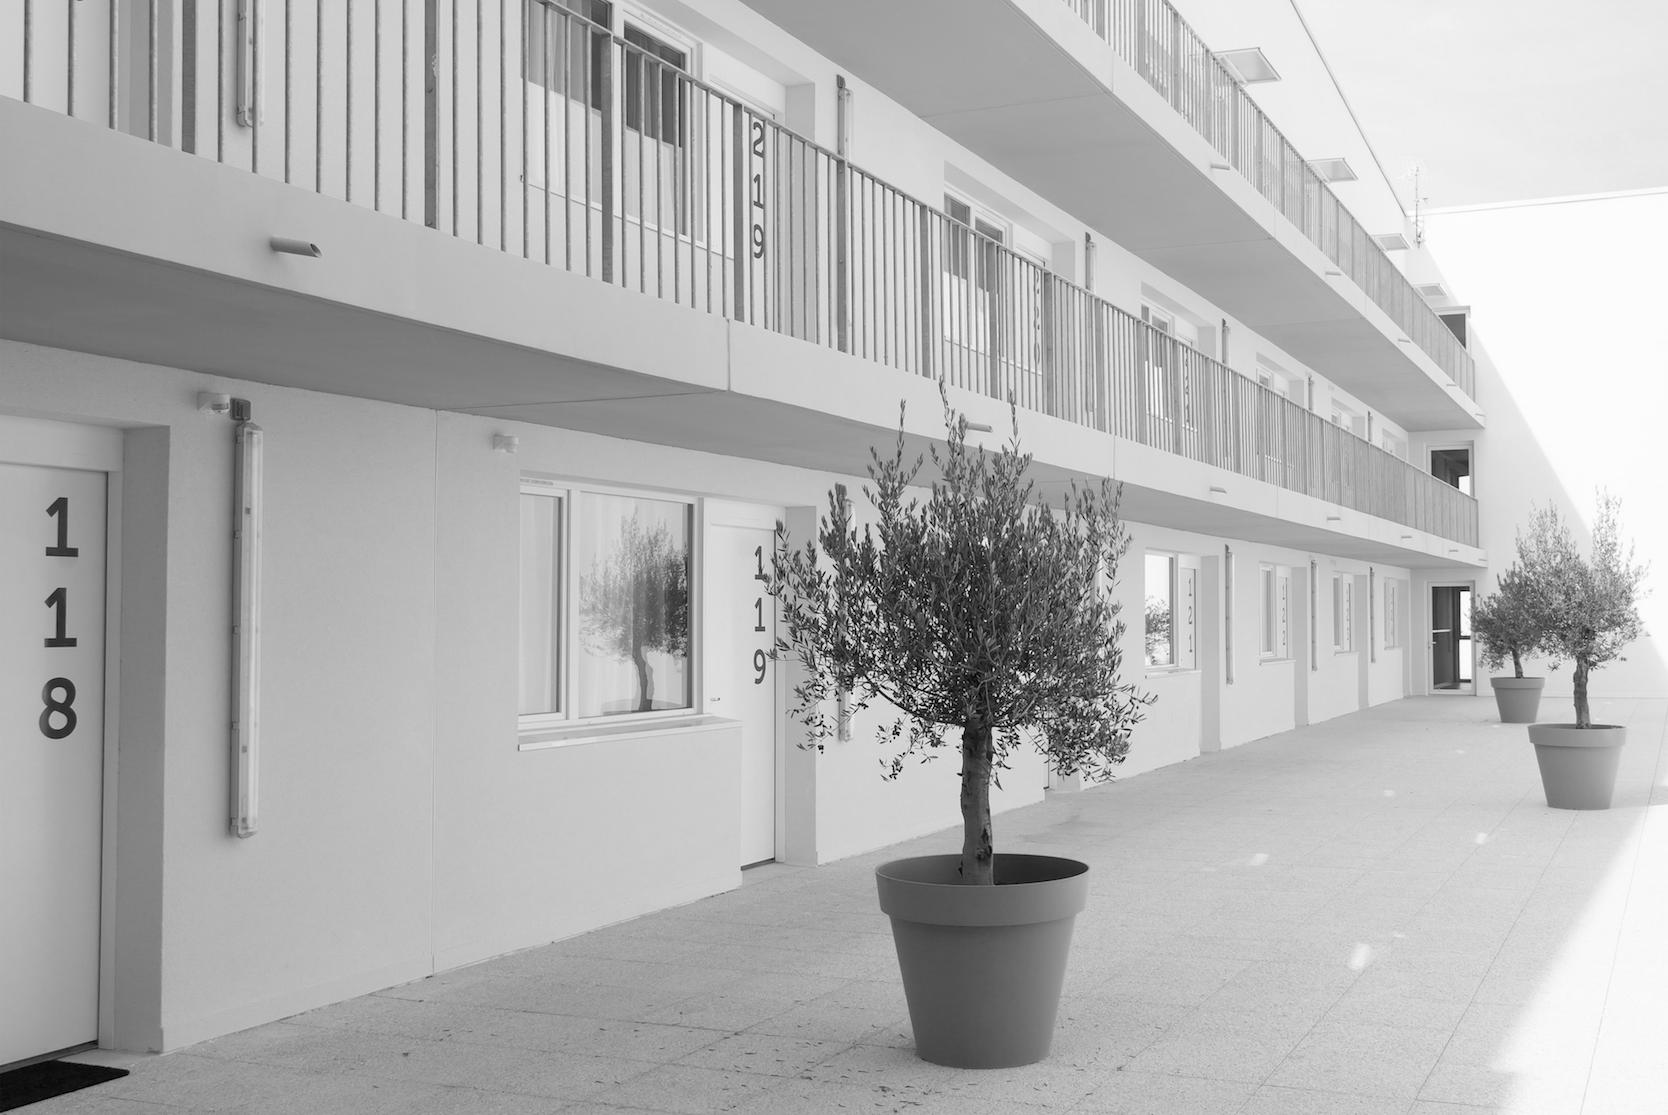 Global Exploitation s'inscrit comme le garant de chaque résidence auprès des architectes et promoteurs -